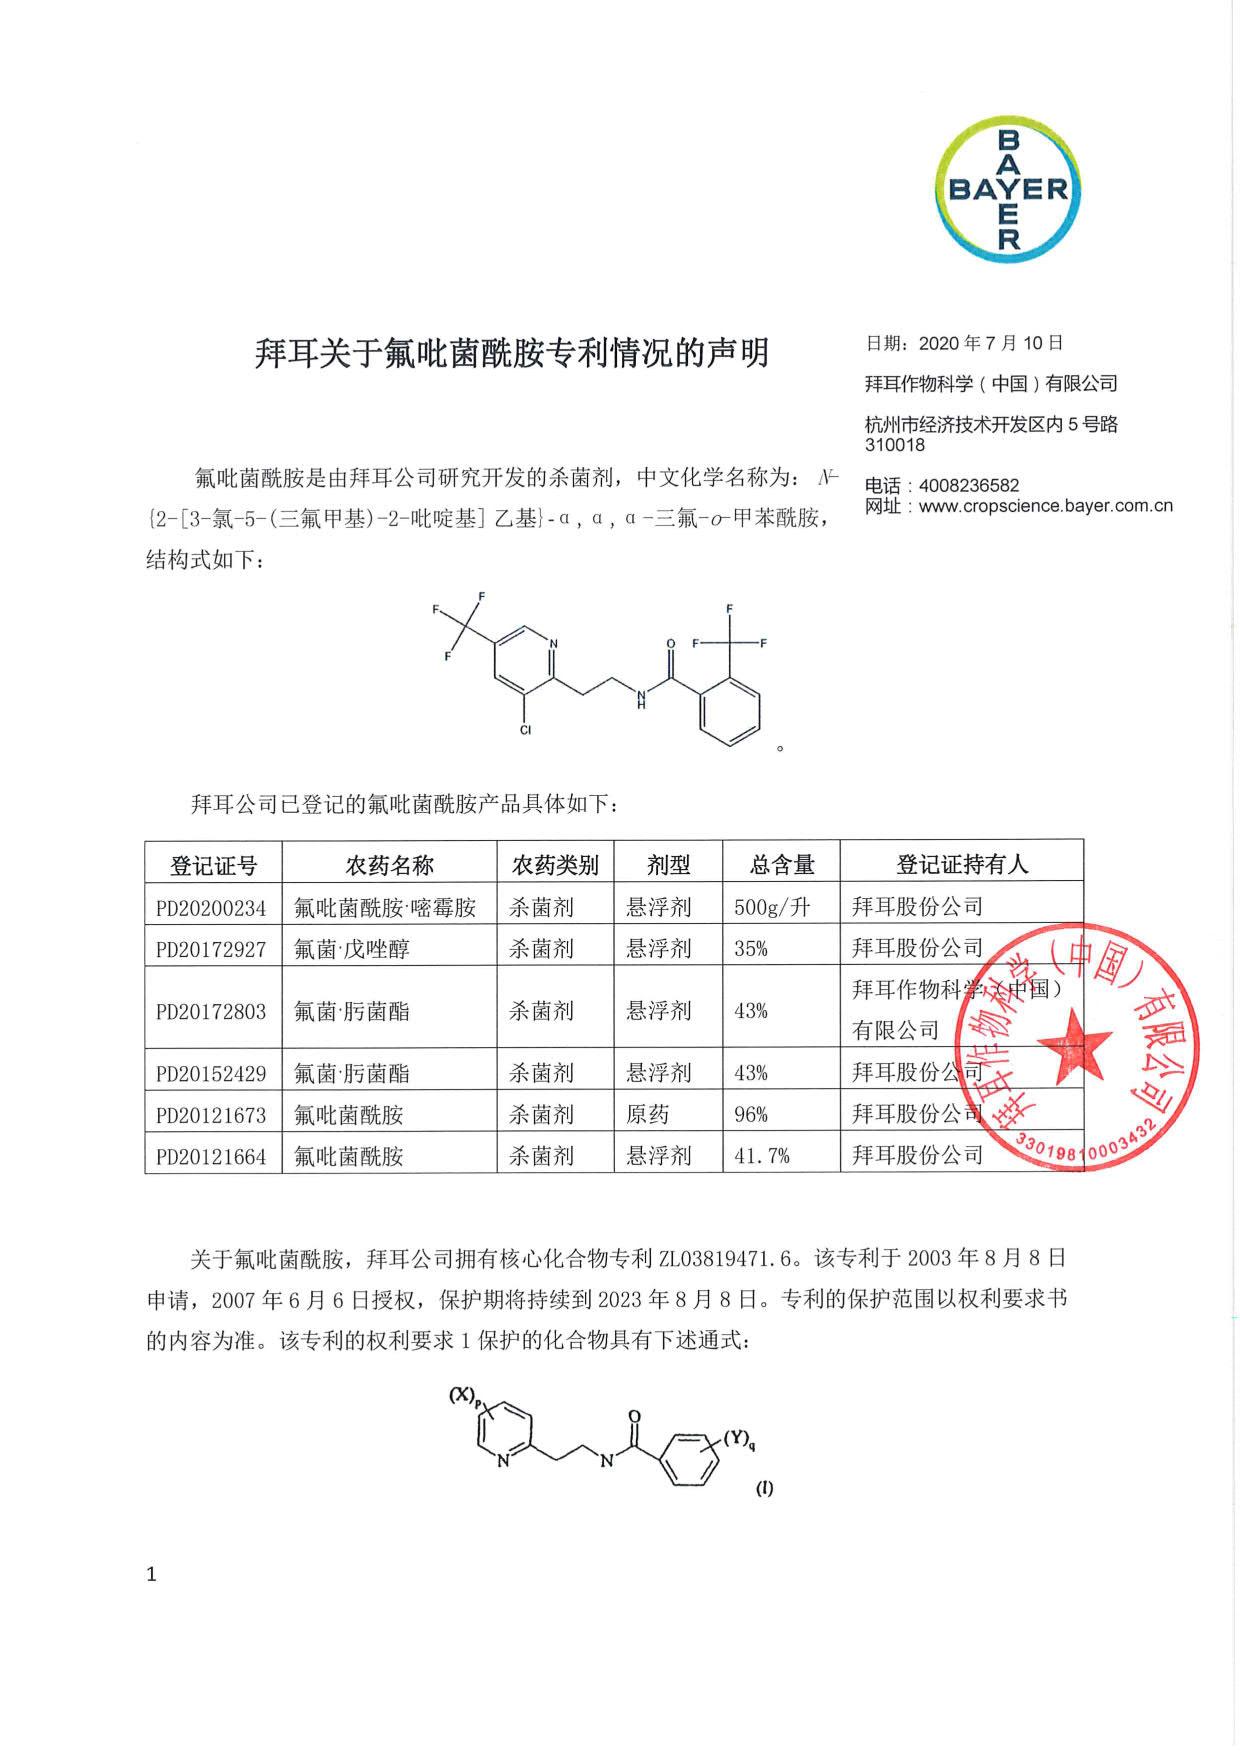 拜耳关于氟吡菌酰胺专利情况的声明_3.jpg